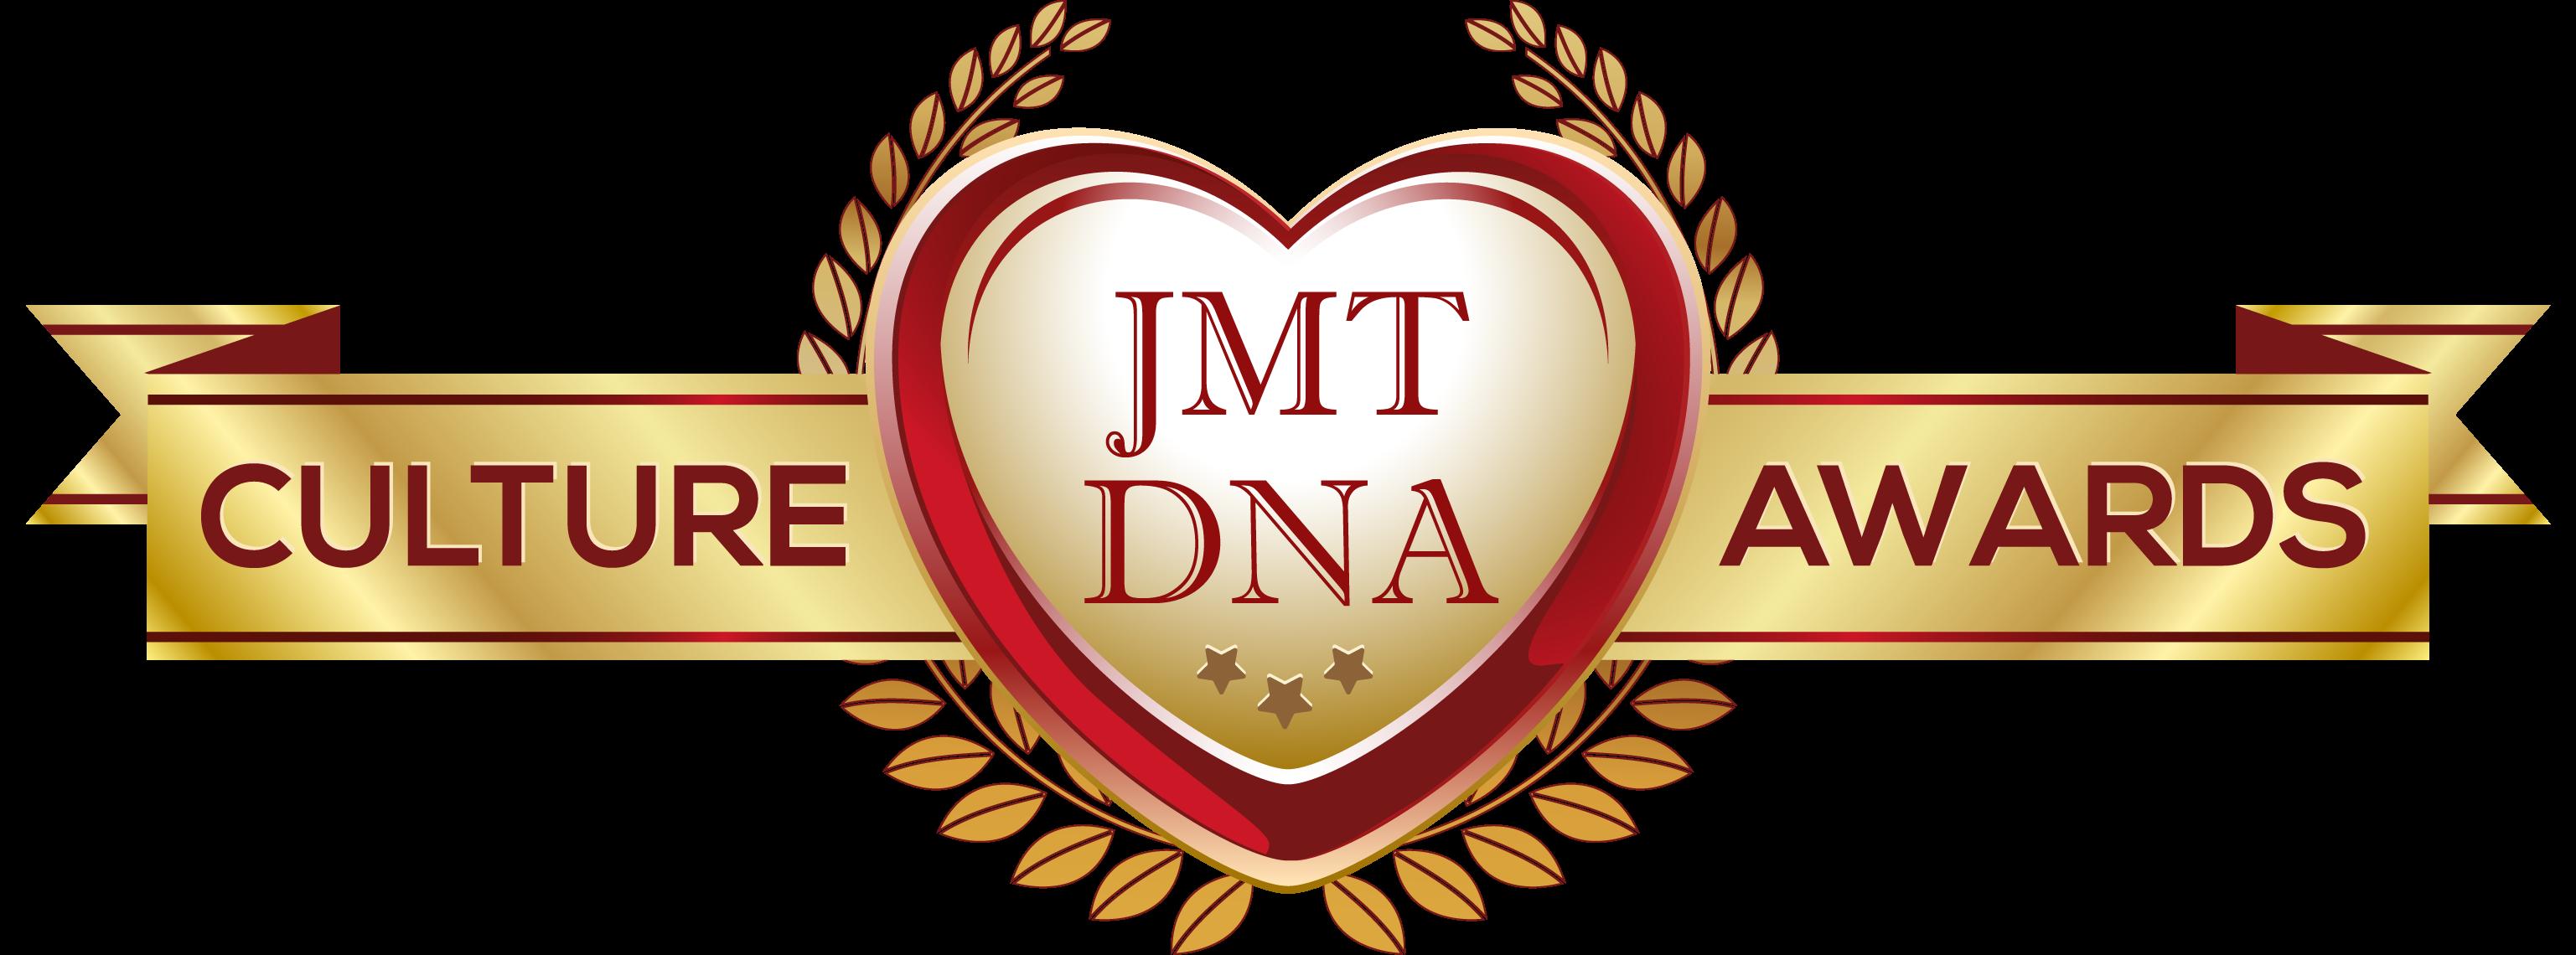 JMT DNA Cultural Awards